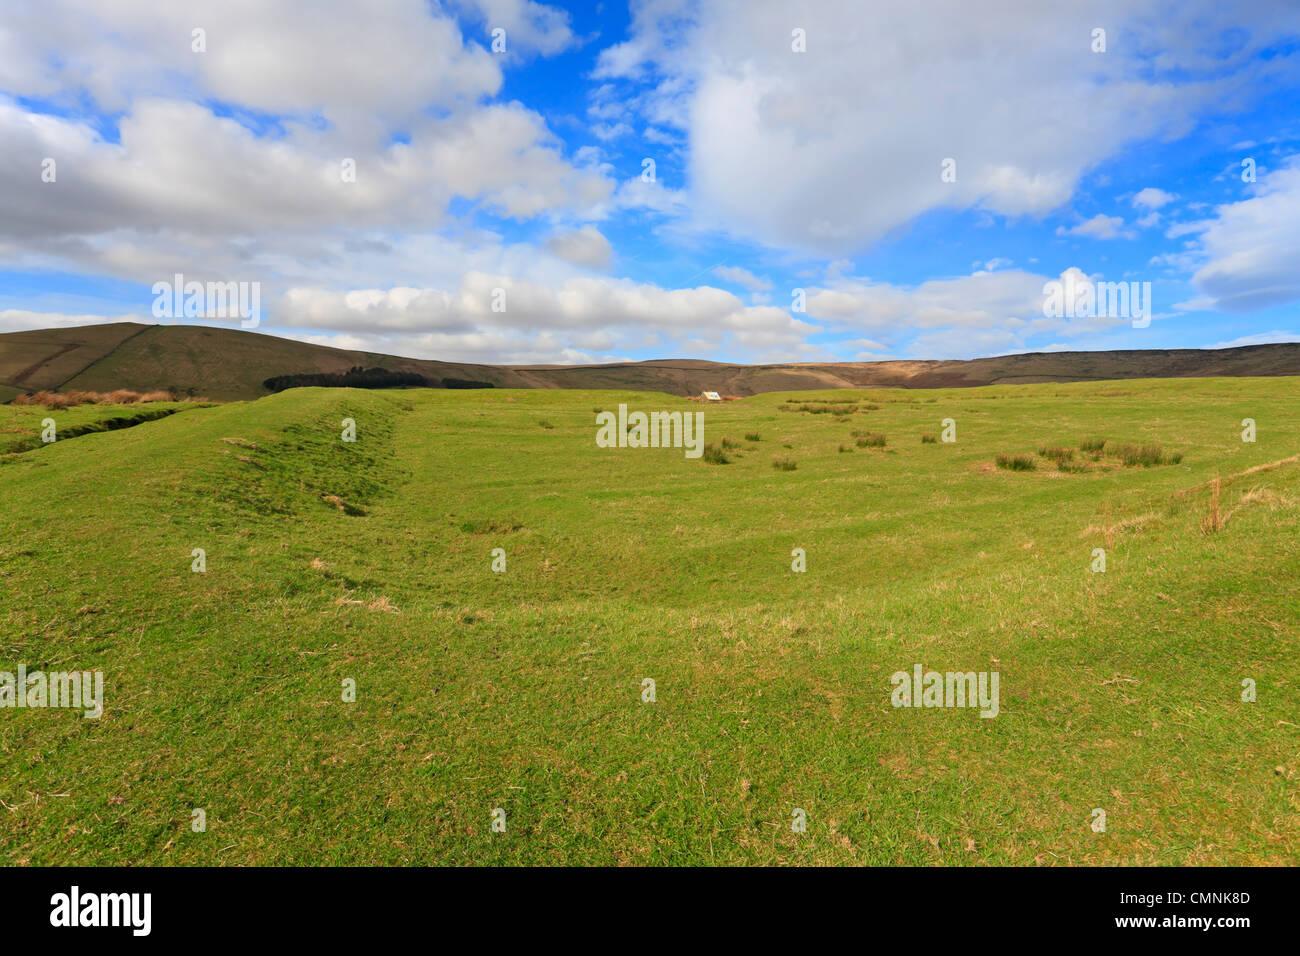 Castleshaw Roman Fort, Saddleworth, Oldham, Lancashire, England, UK. - Stock Image